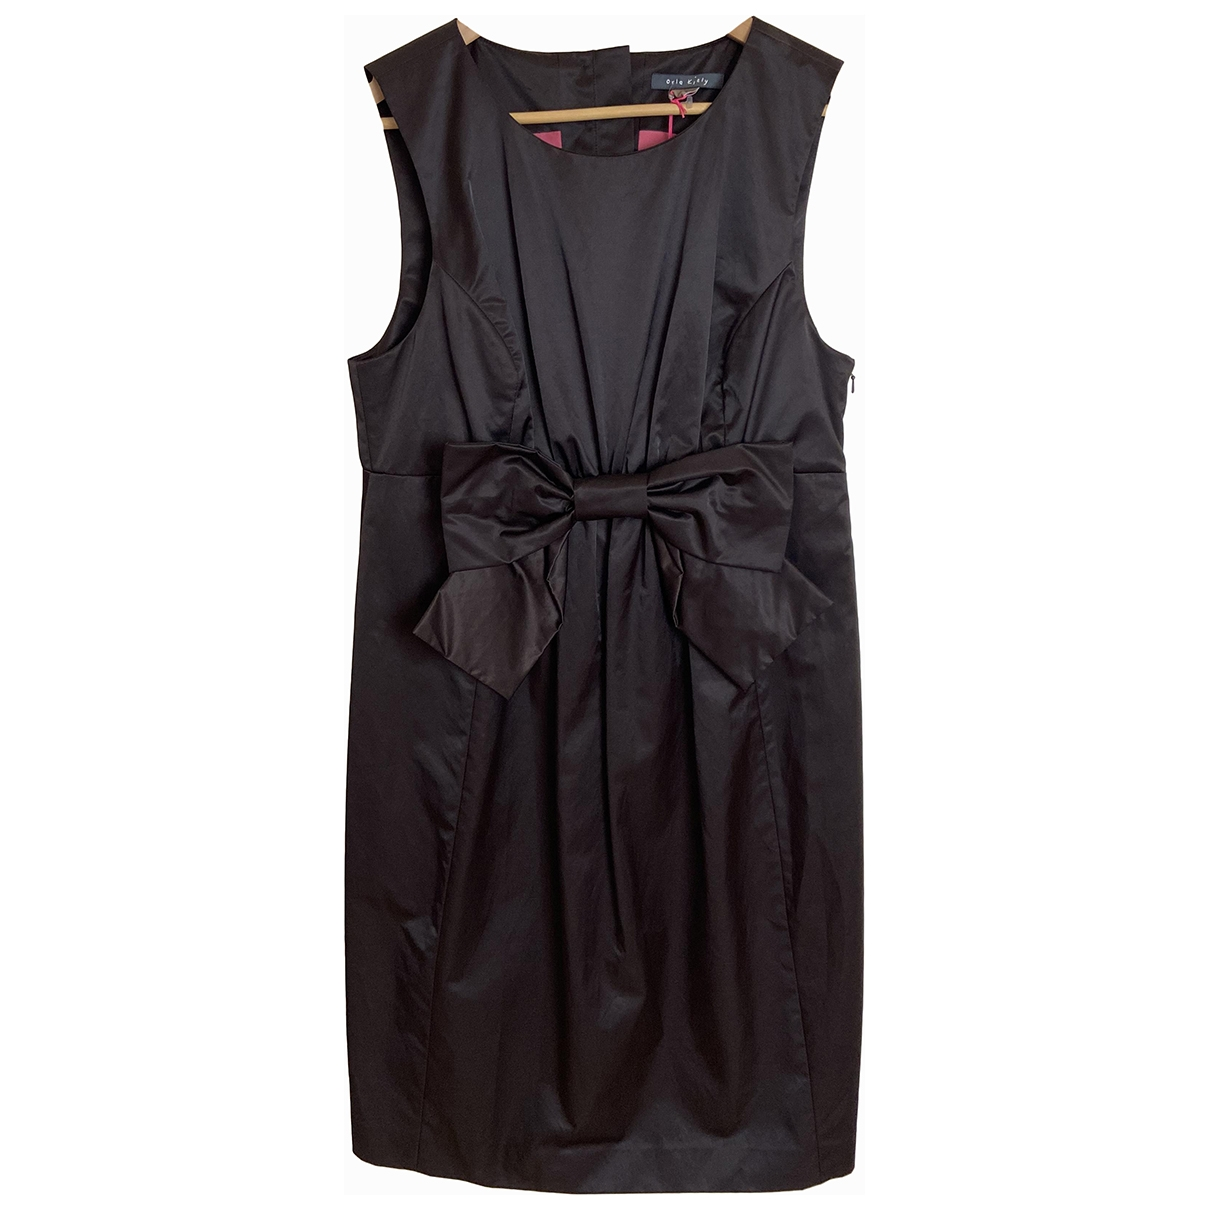 Orla Kiely \N Kleid in  Braun Baumwolle